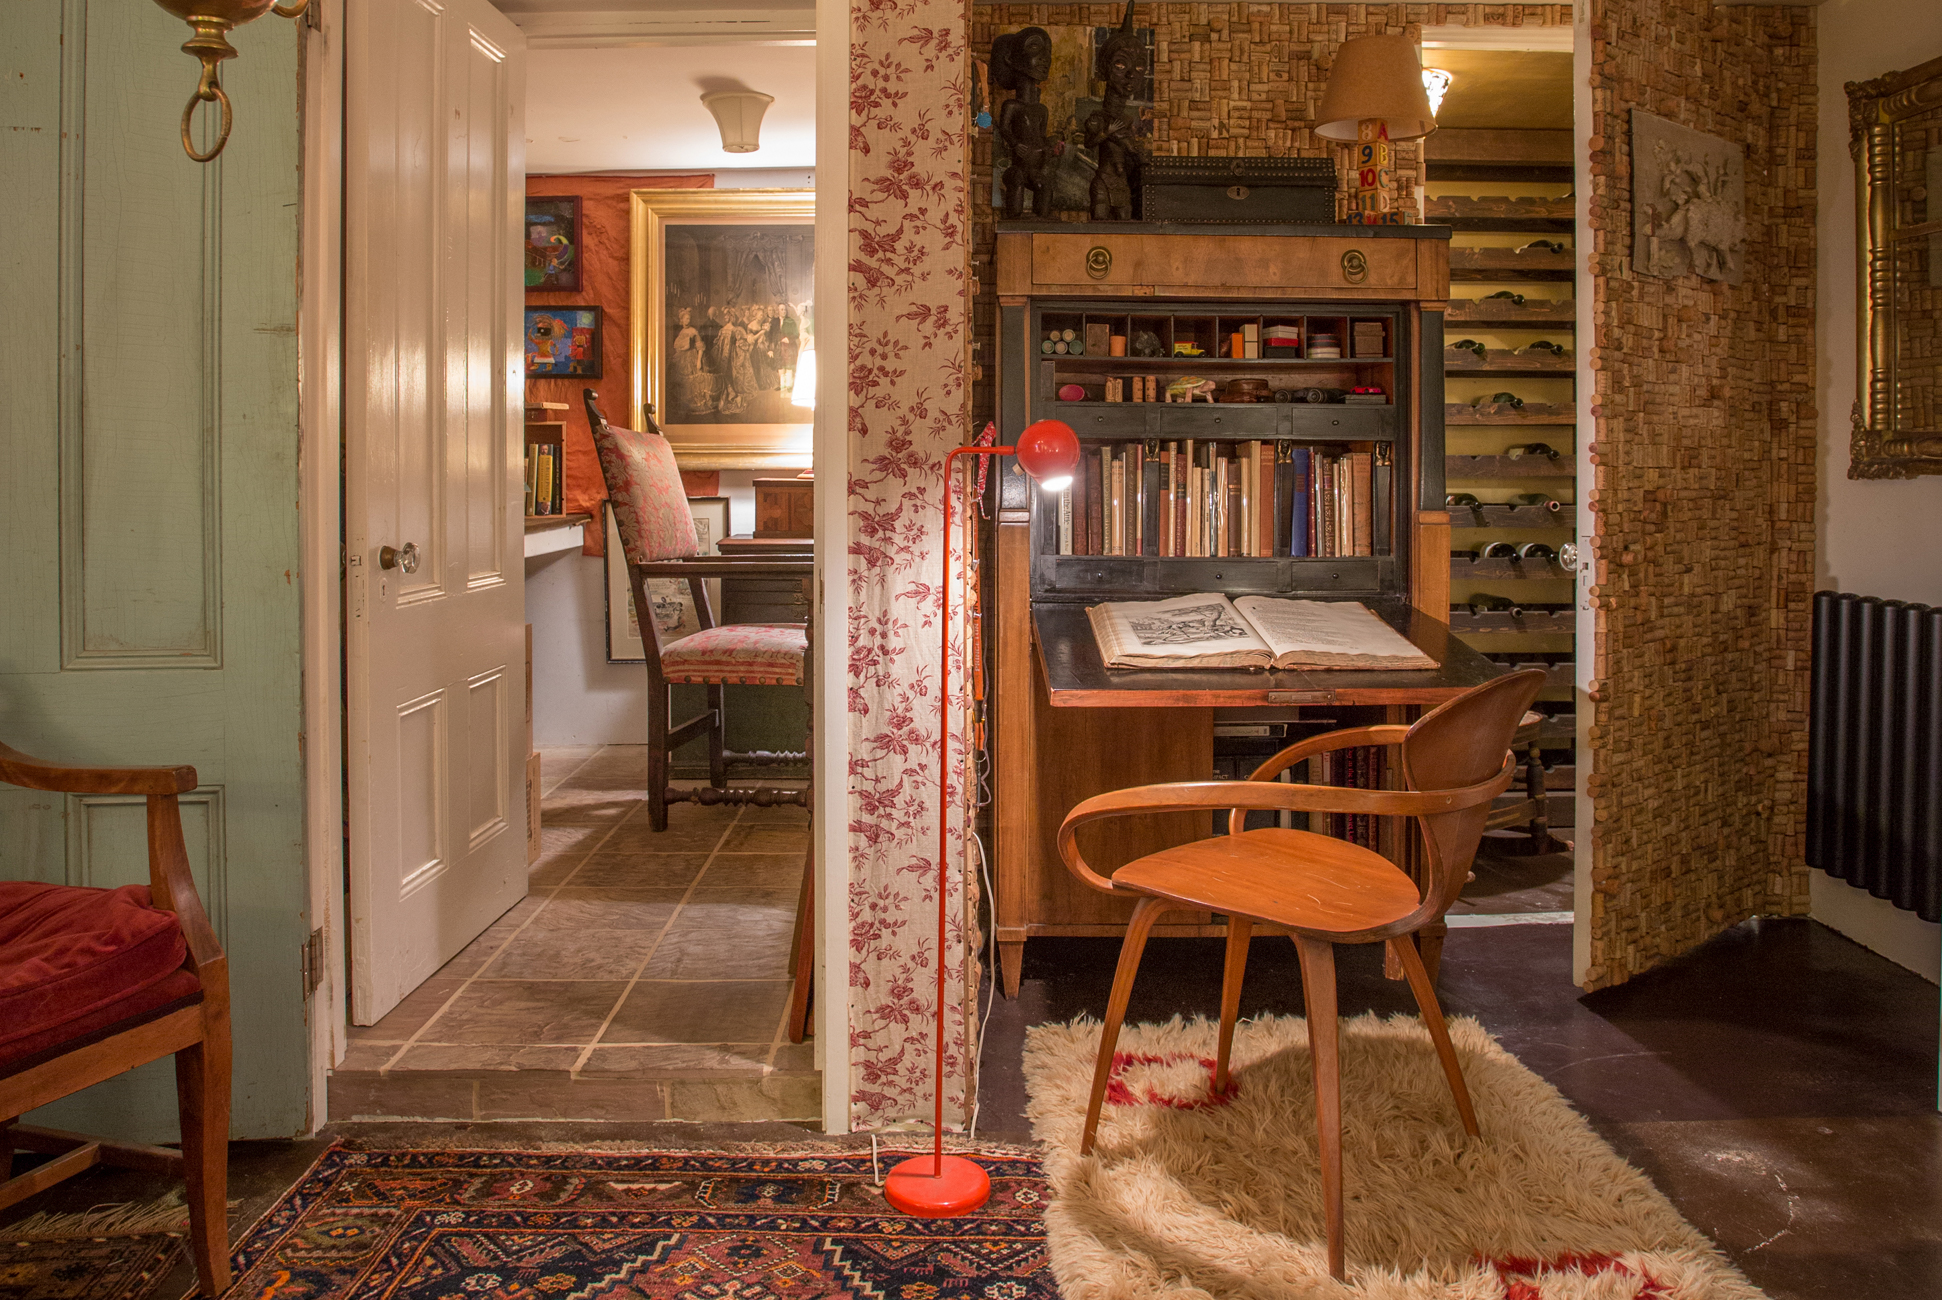 boston-interior-design-contact-heidi-pribell-interior-designer